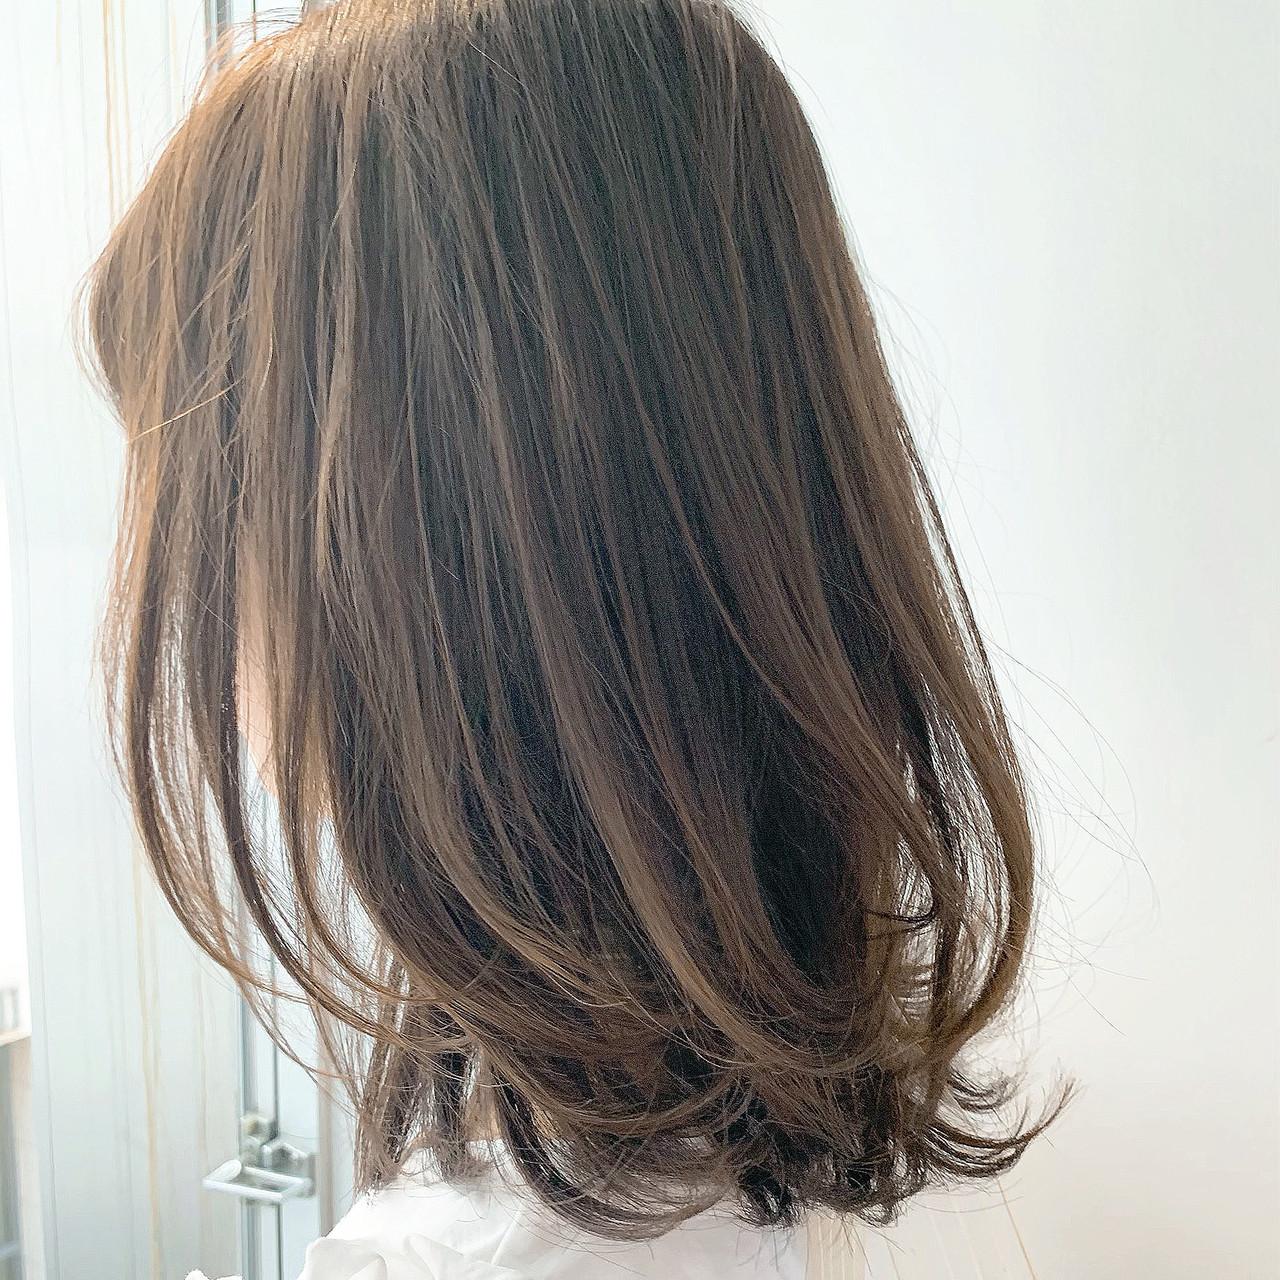 レイヤーカット ロブ ナチュラル ミディアム ヘアスタイルや髪型の写真・画像 | LIPPS銀座 安田愛佳 / LIPPS 銀座